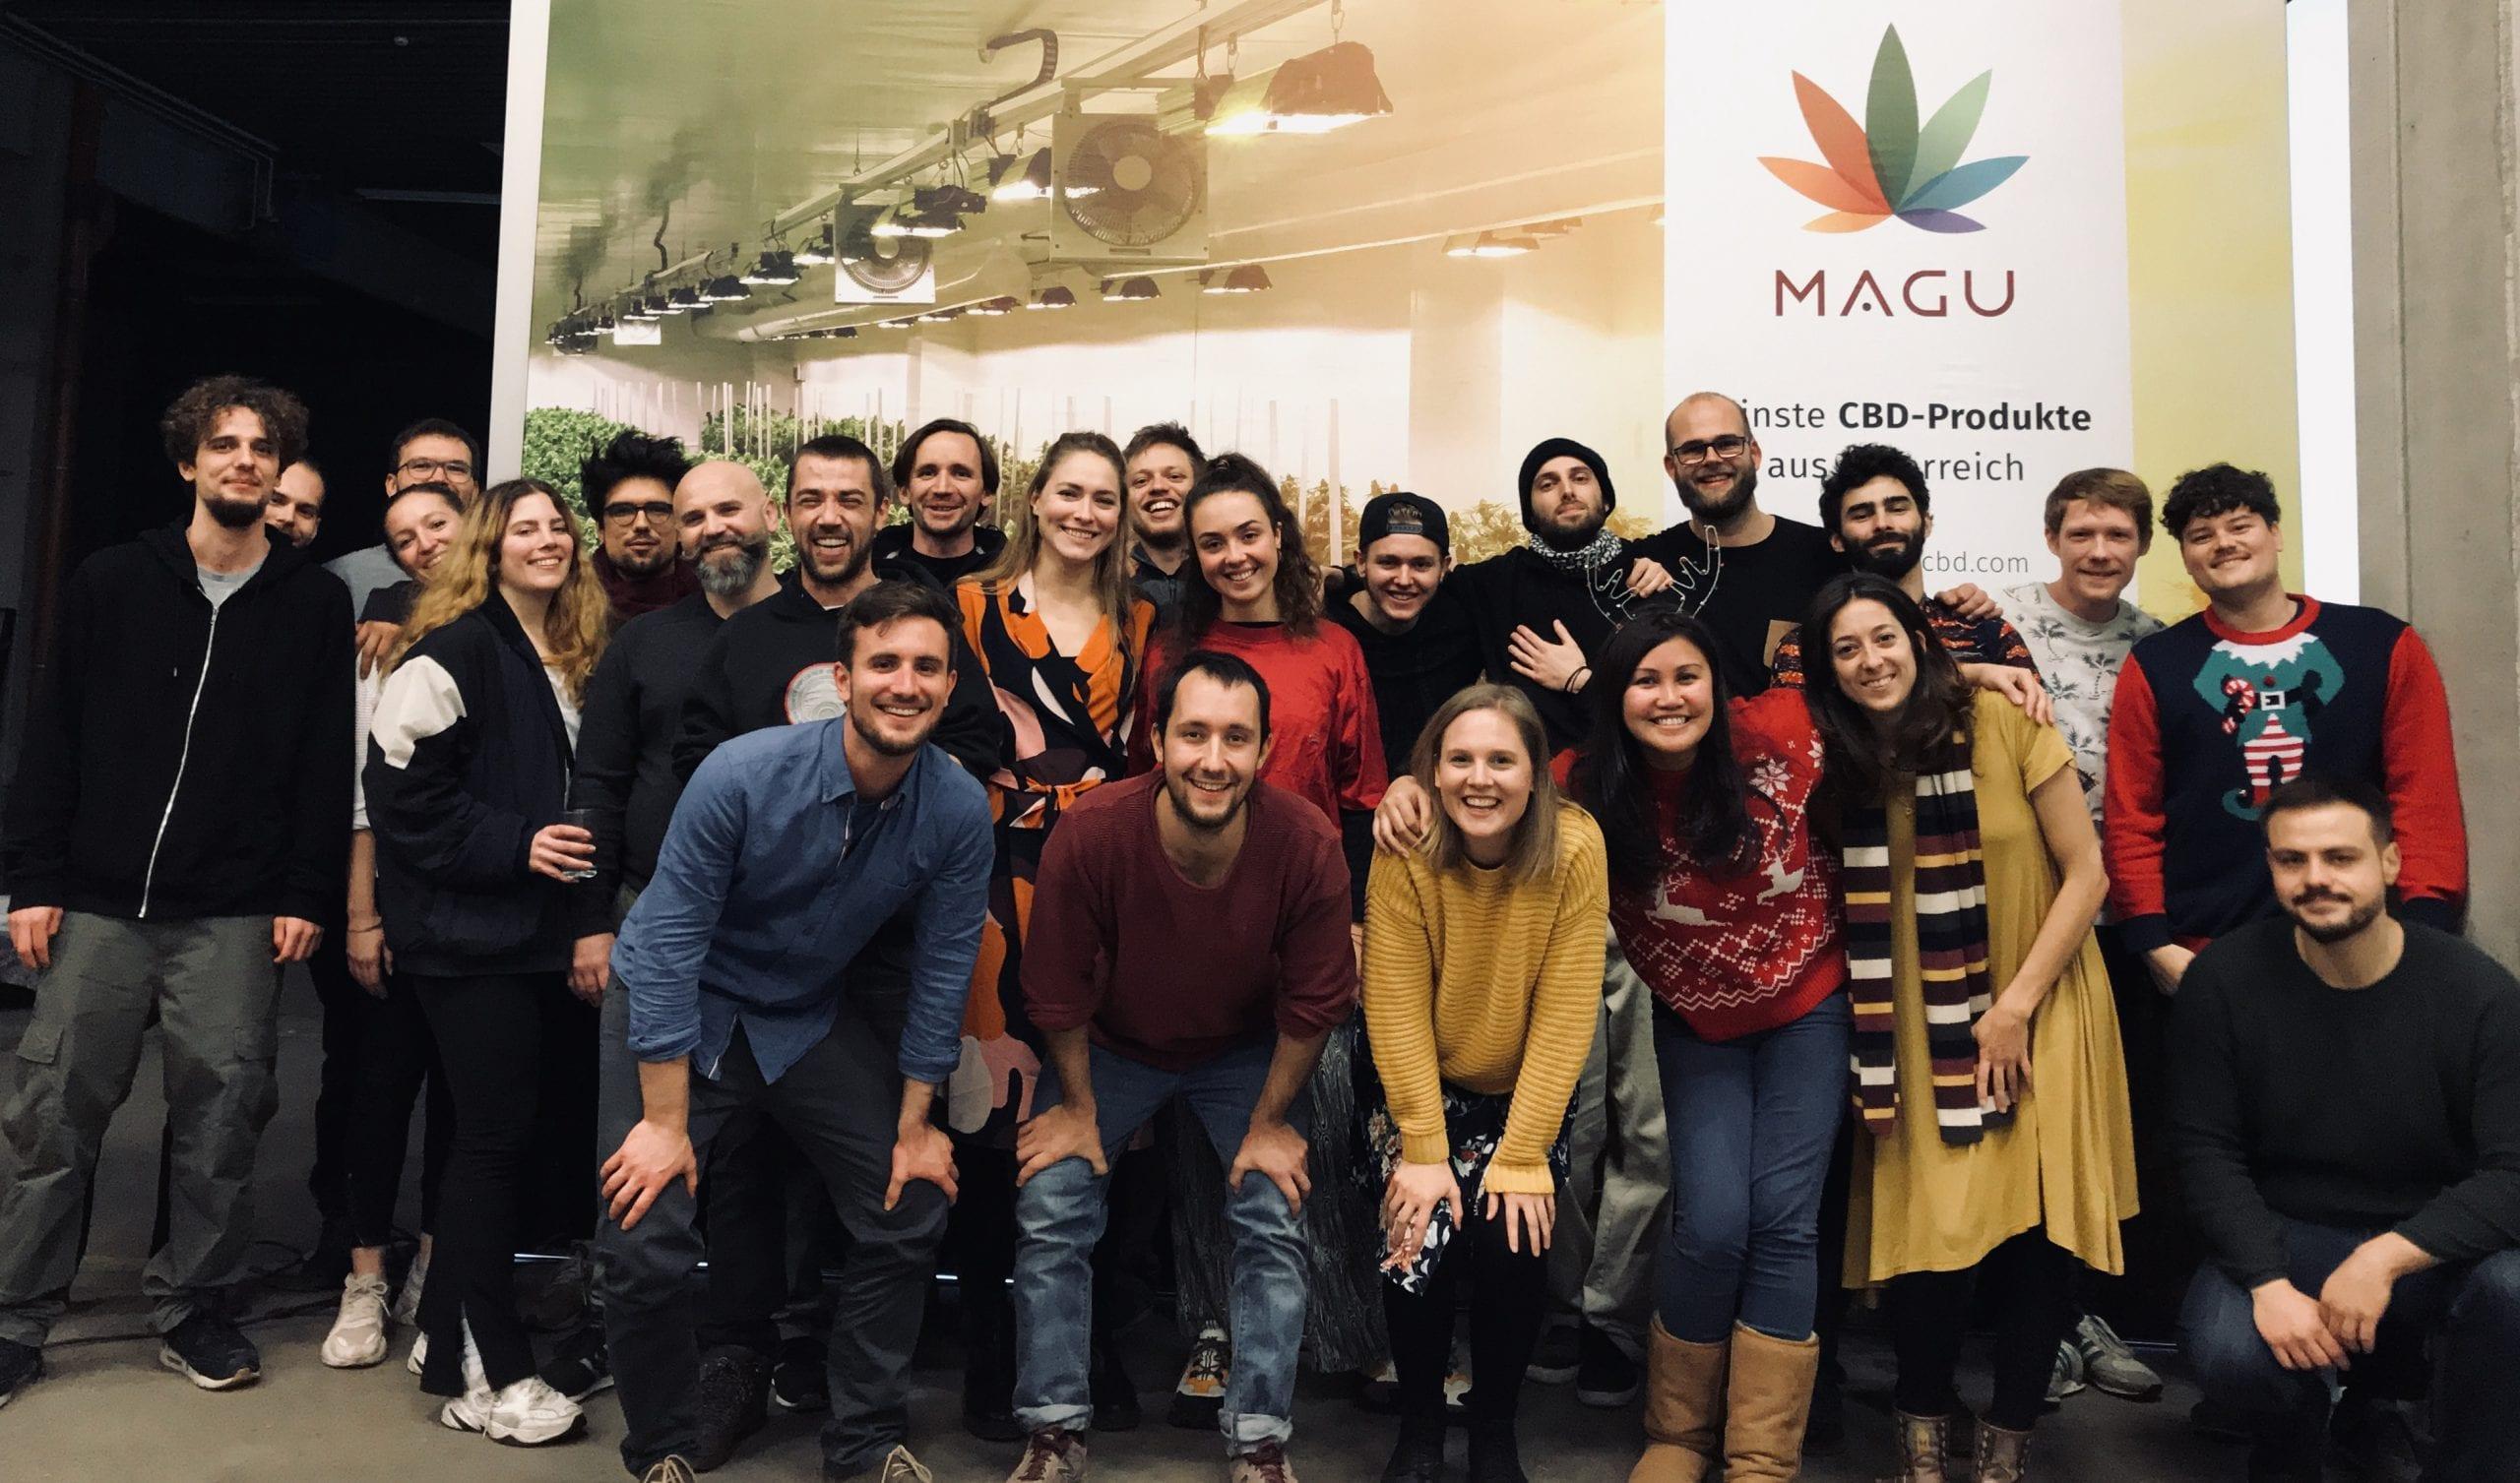 MAGU Team bei der Weihnachtsfeier